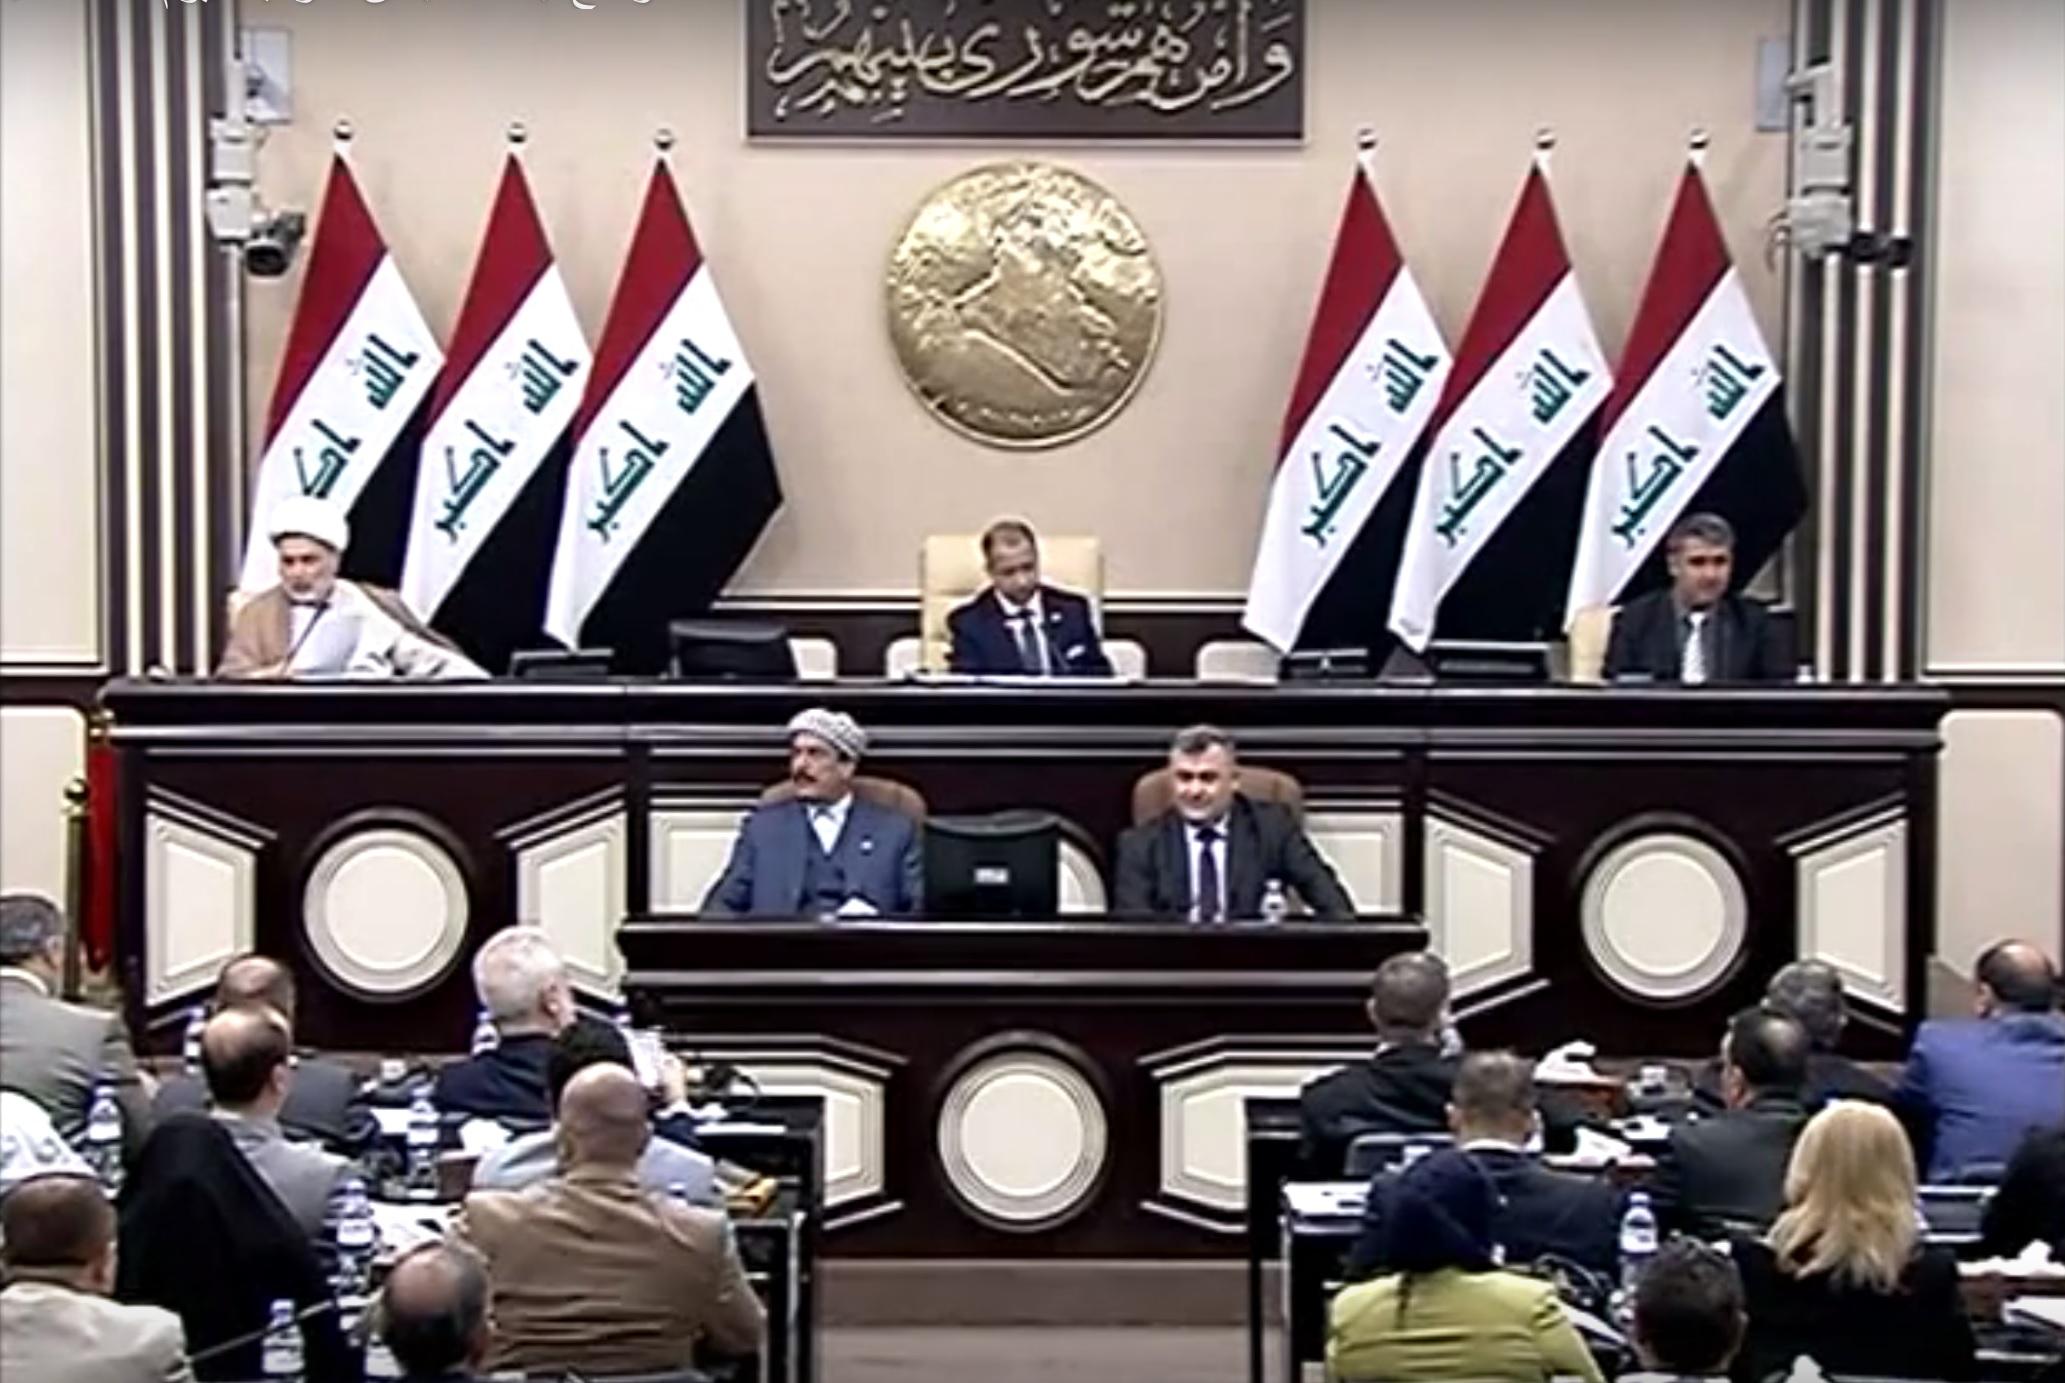 البرلمان العراقي برلمان الصفقات والمساومات والتسقيط السياسي وضد الشعب